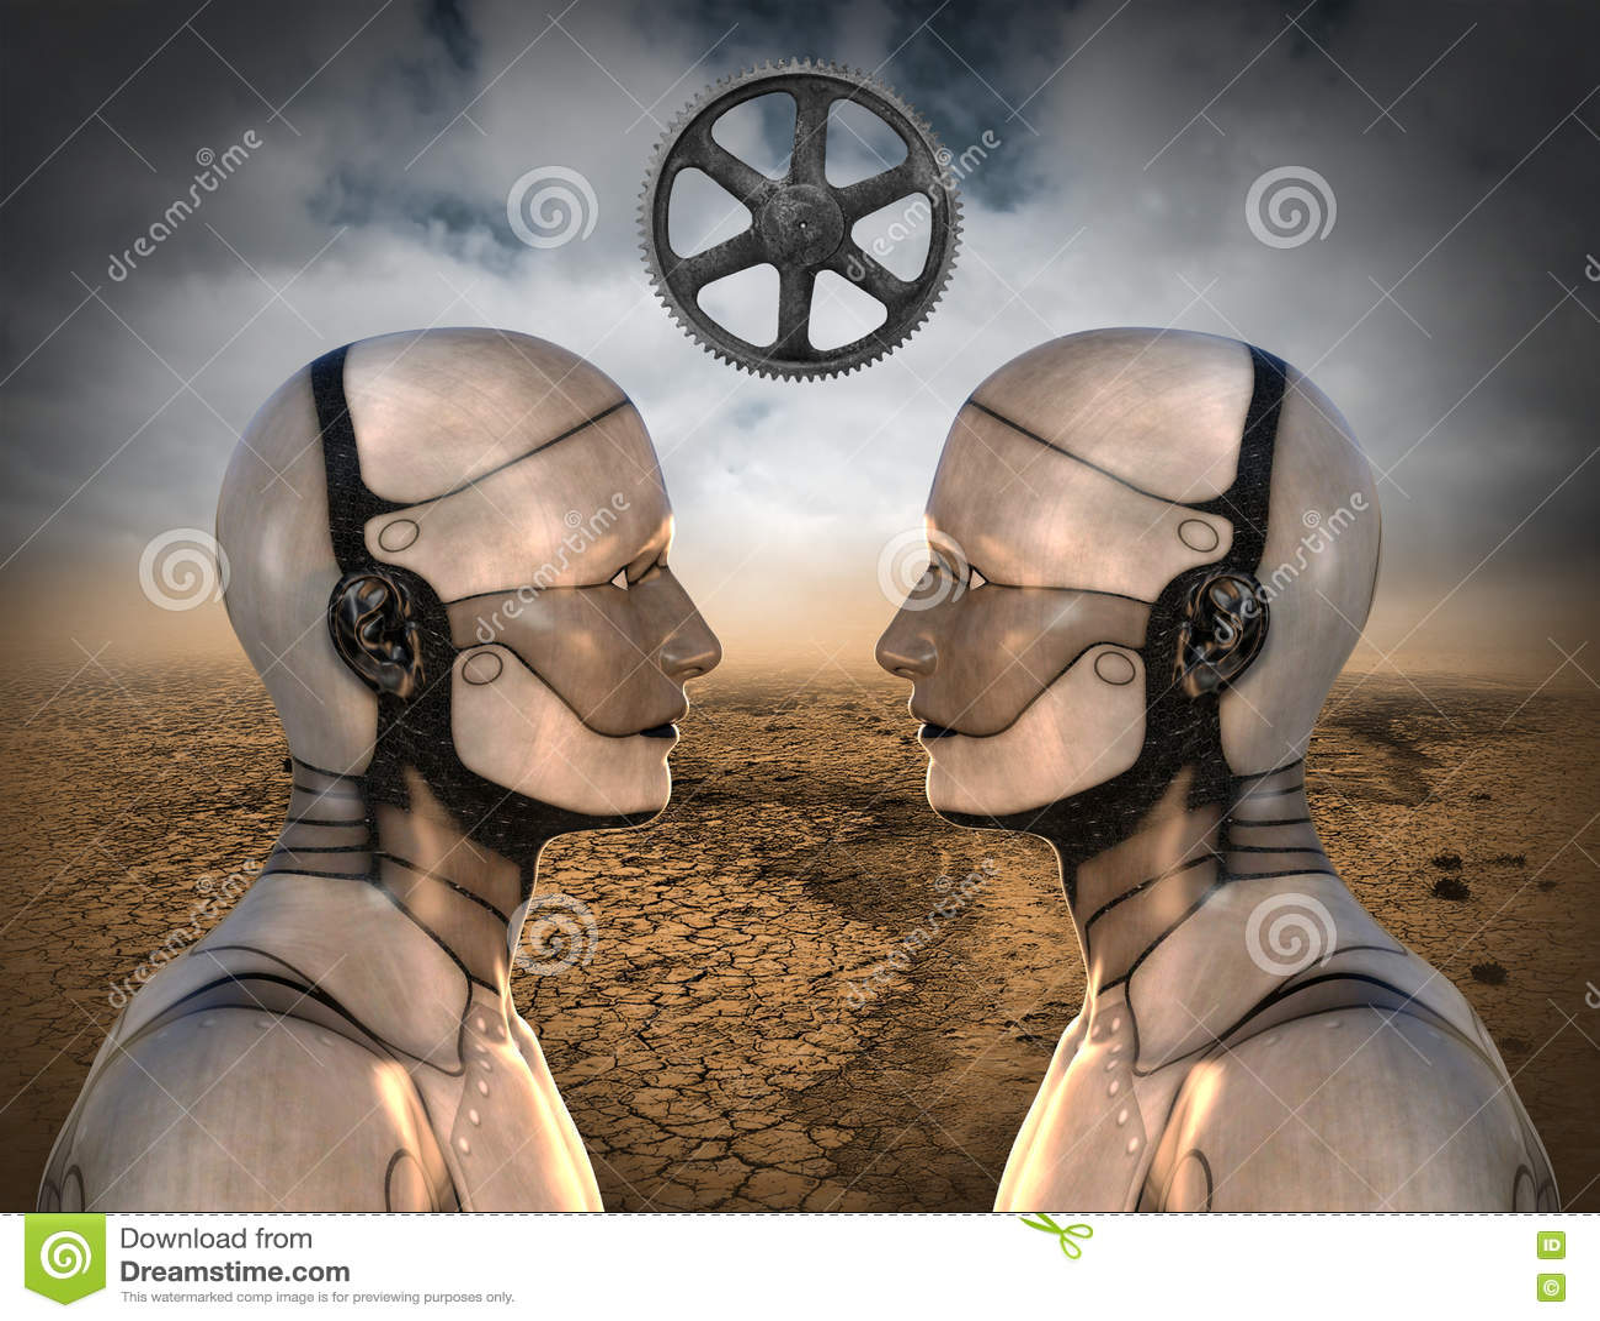 Mededeling, Technologie, Informatie, het Leren, Onderwijs